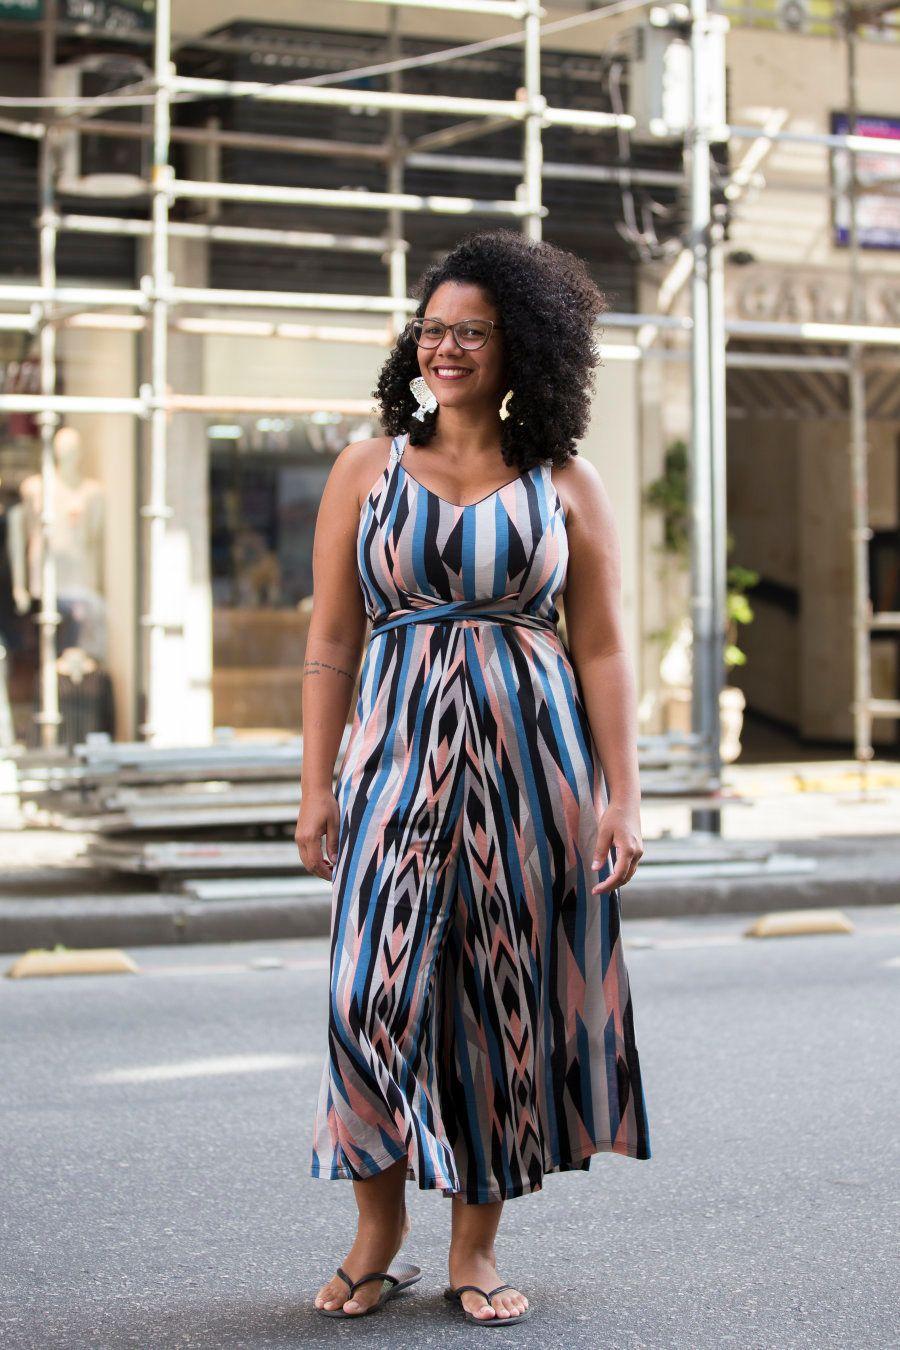 Juliana Cardoso agora sonha com abrir uma loja fixa de artesanatos e planeja concluir graduação em